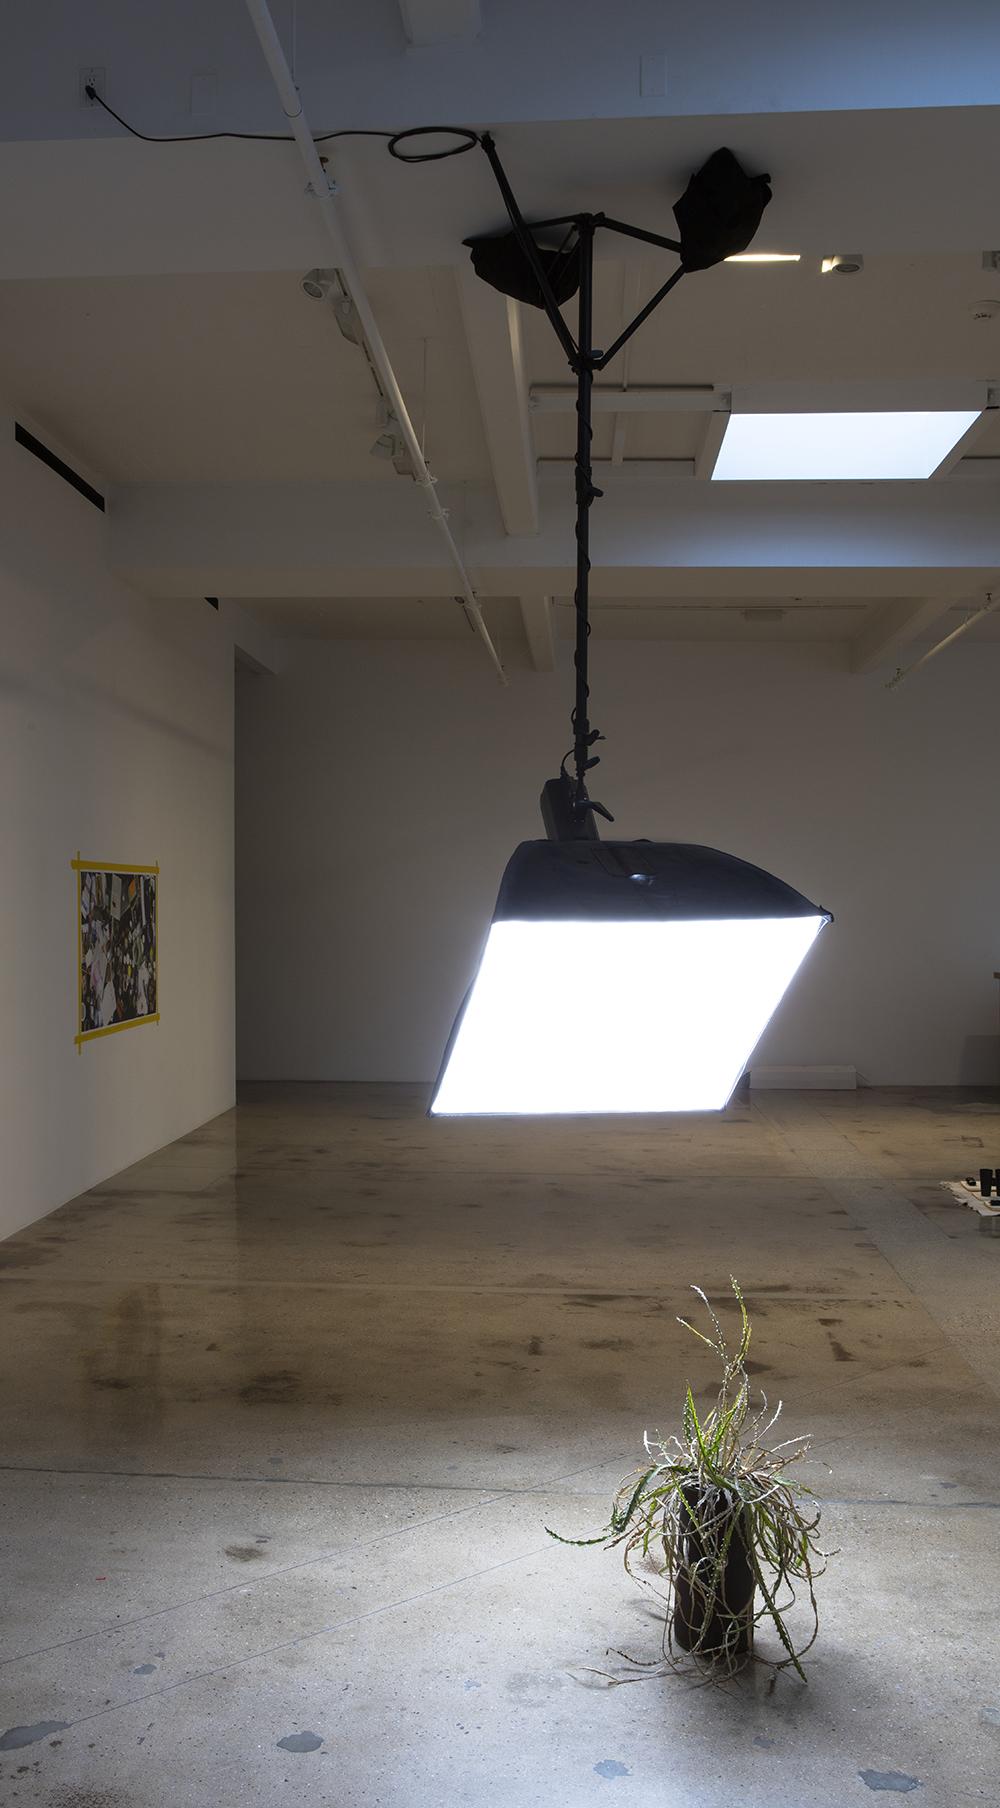 <em>Top Five Buddy Cop Films</em>. Installation view, Steve Turner, 2017